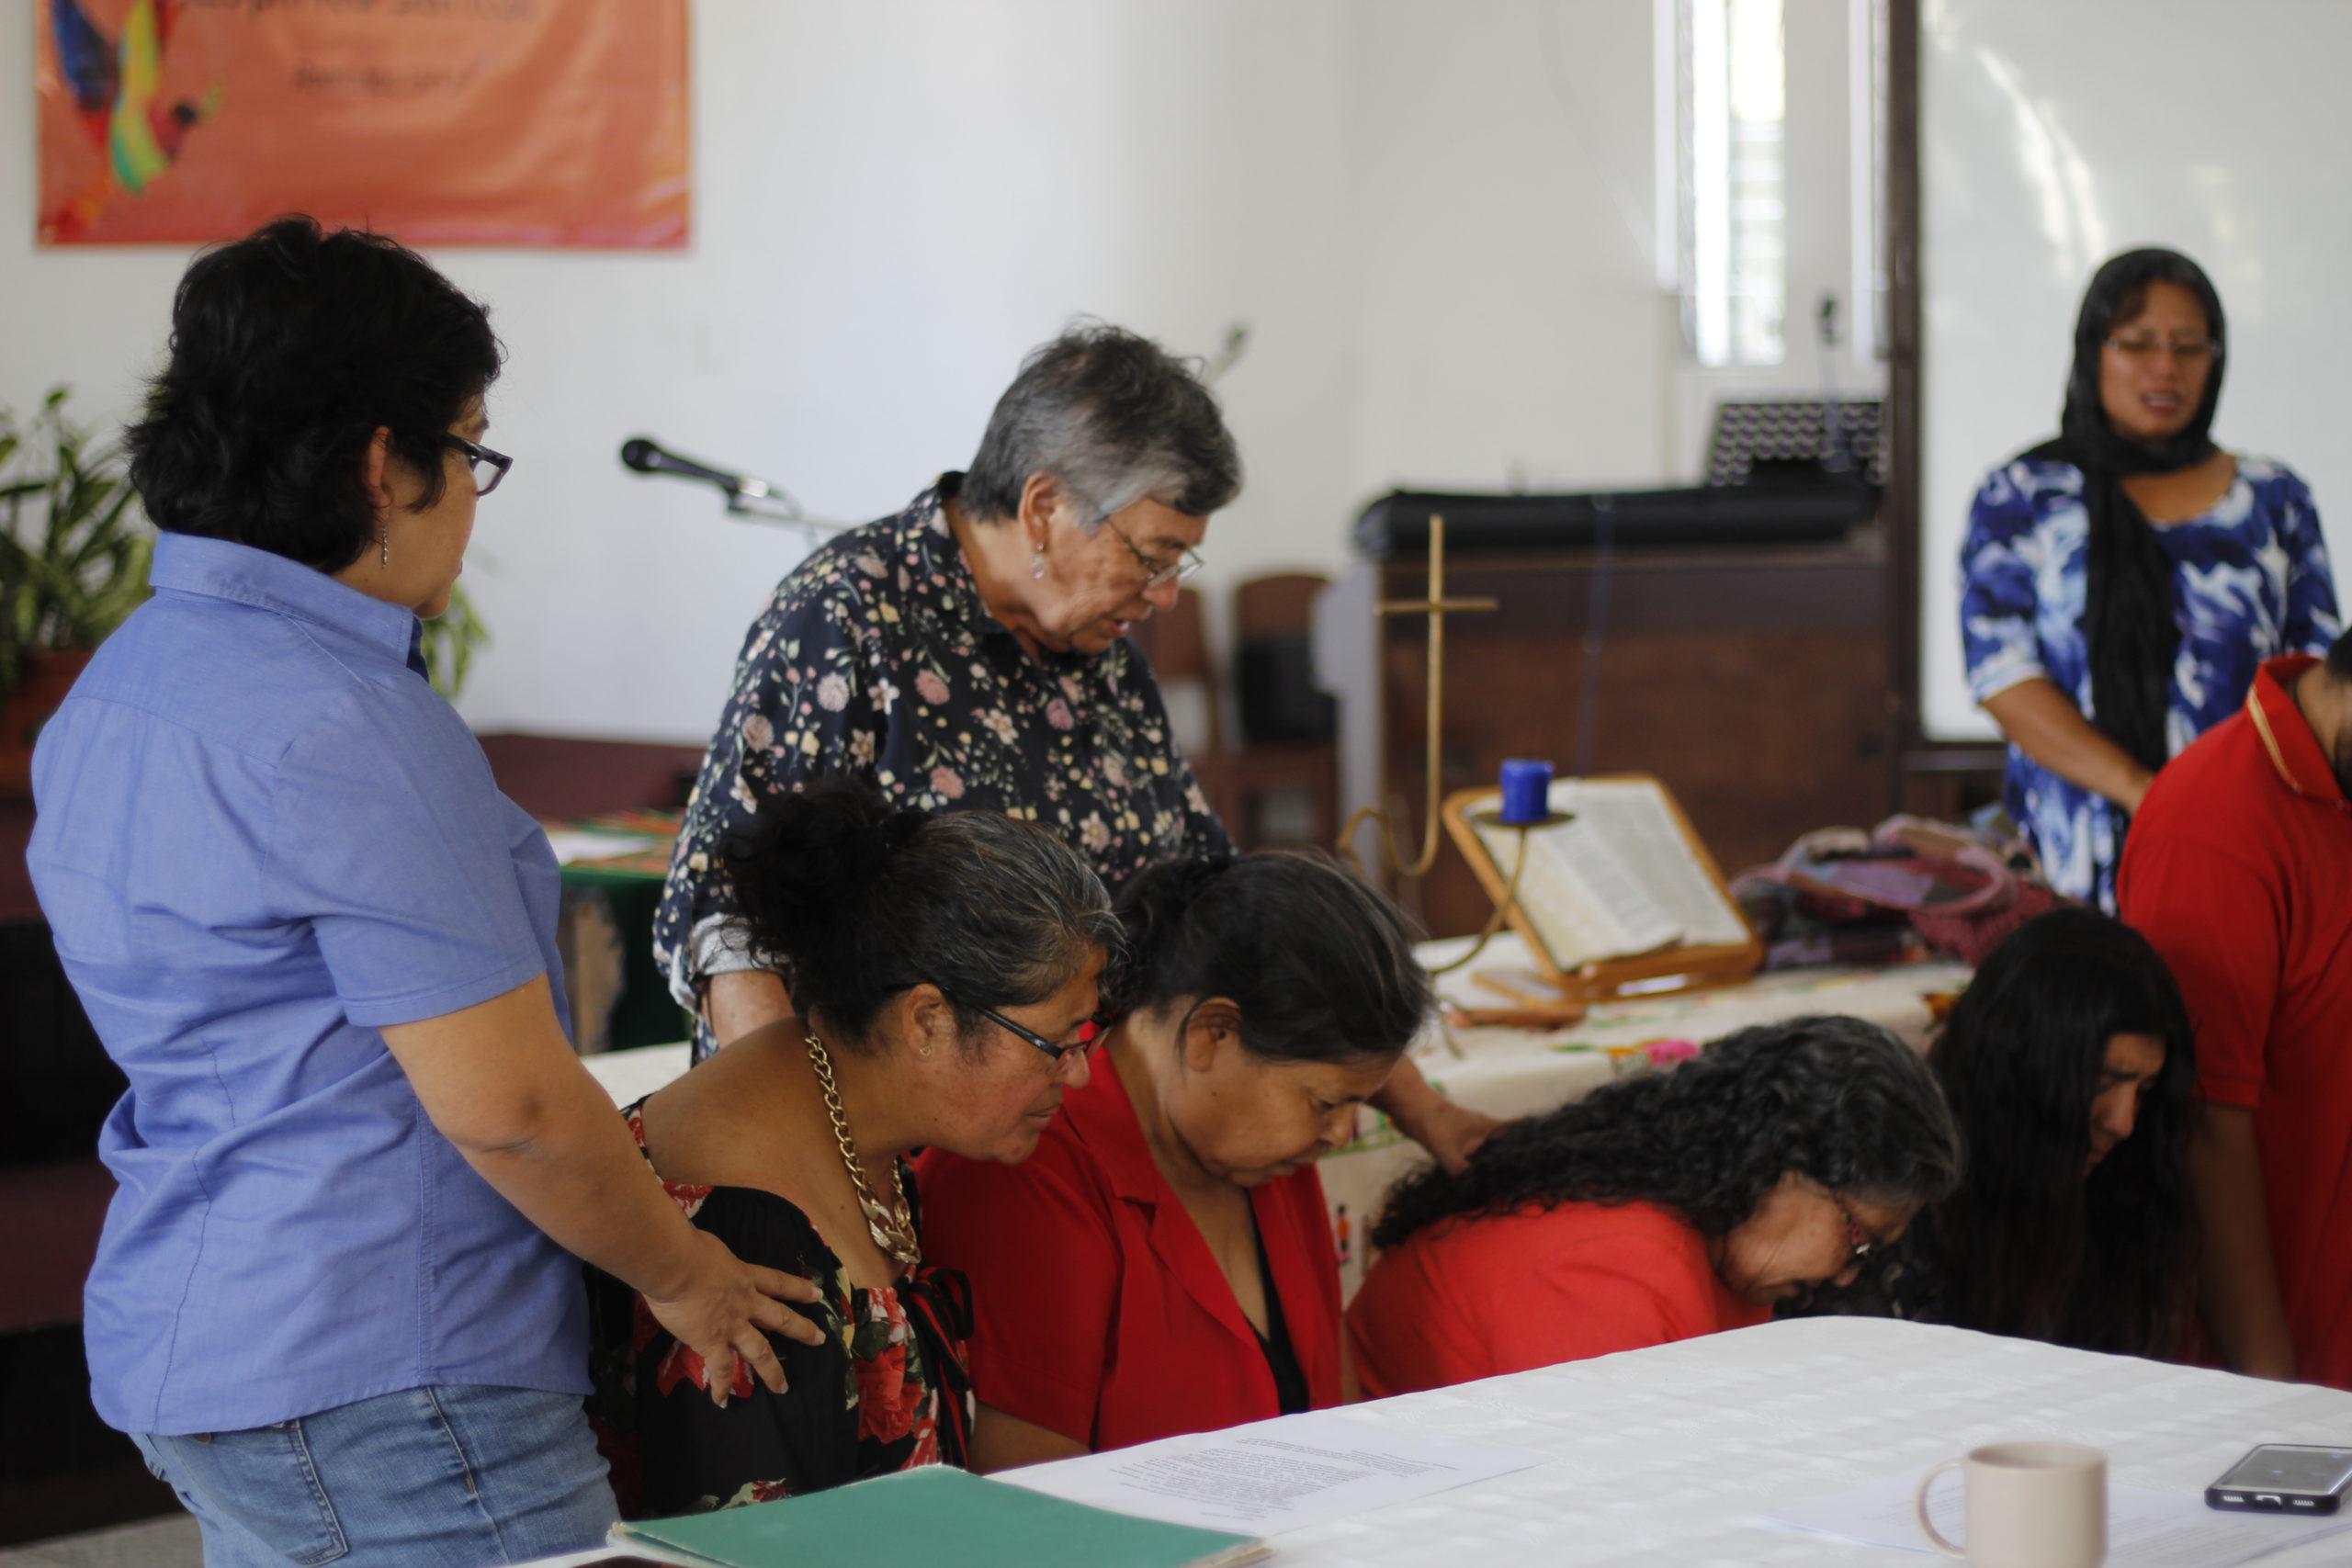 """Evento propuesto por las Mujeres Teólogas Anabautistas Latinoámericanas en el día de la oración, tema del año: """"Migración"""" tomada el 23 de Mayo de 2019. varias mujeres se unificaron en las instalaciones de Casa Horeb a compartir sus diversas historias de migración y orar unas por otras."""